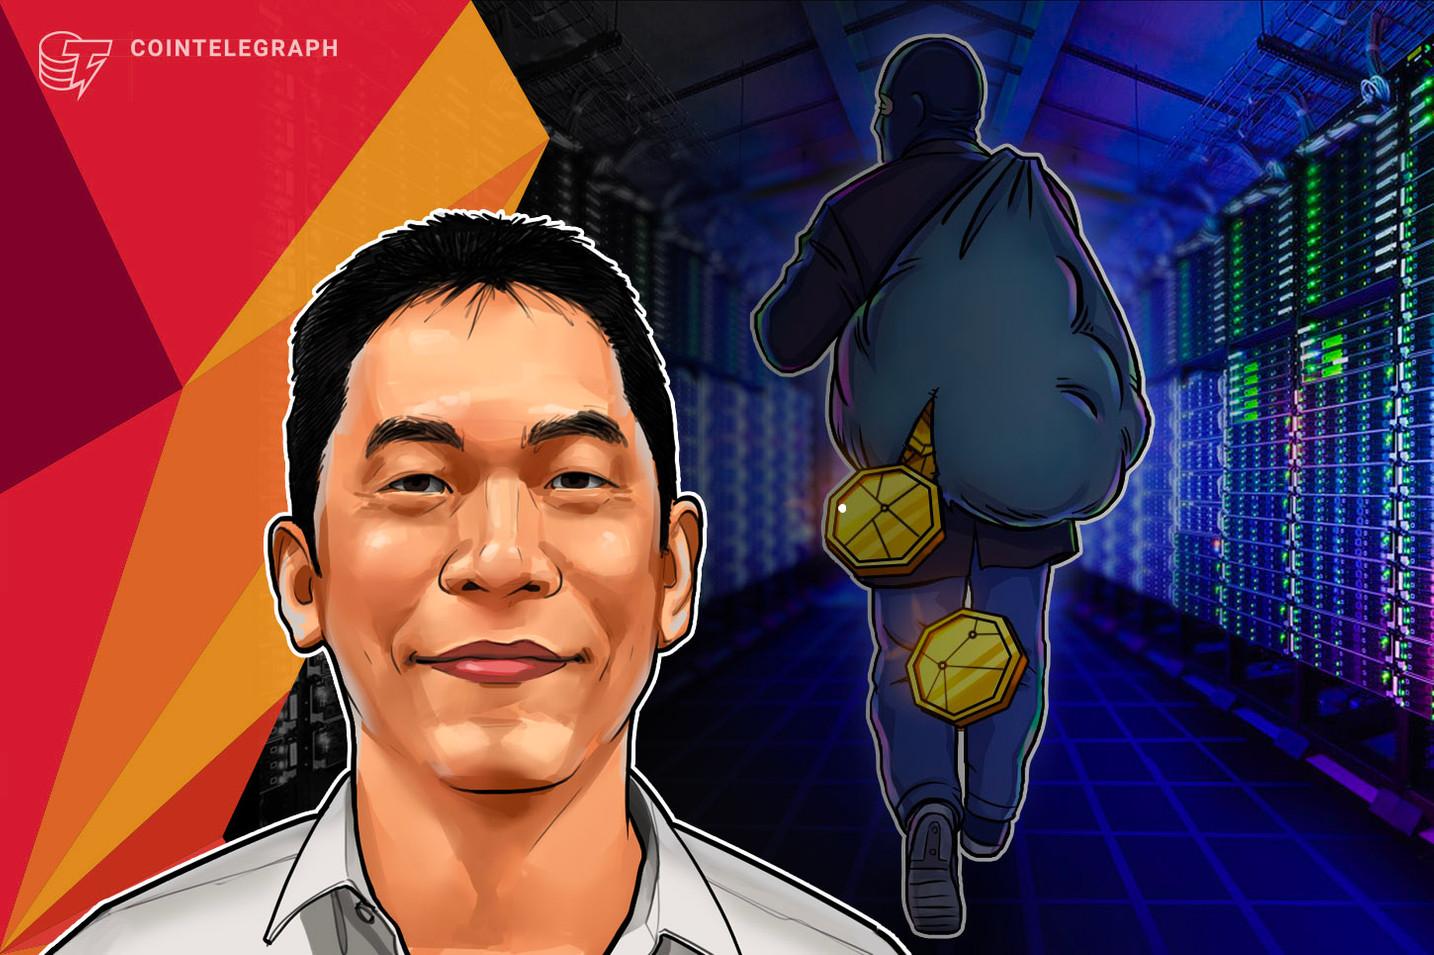 'Não deixe suas moedas em exchanges', diz empresário de criptomoedas que perdeu todos seus ativos